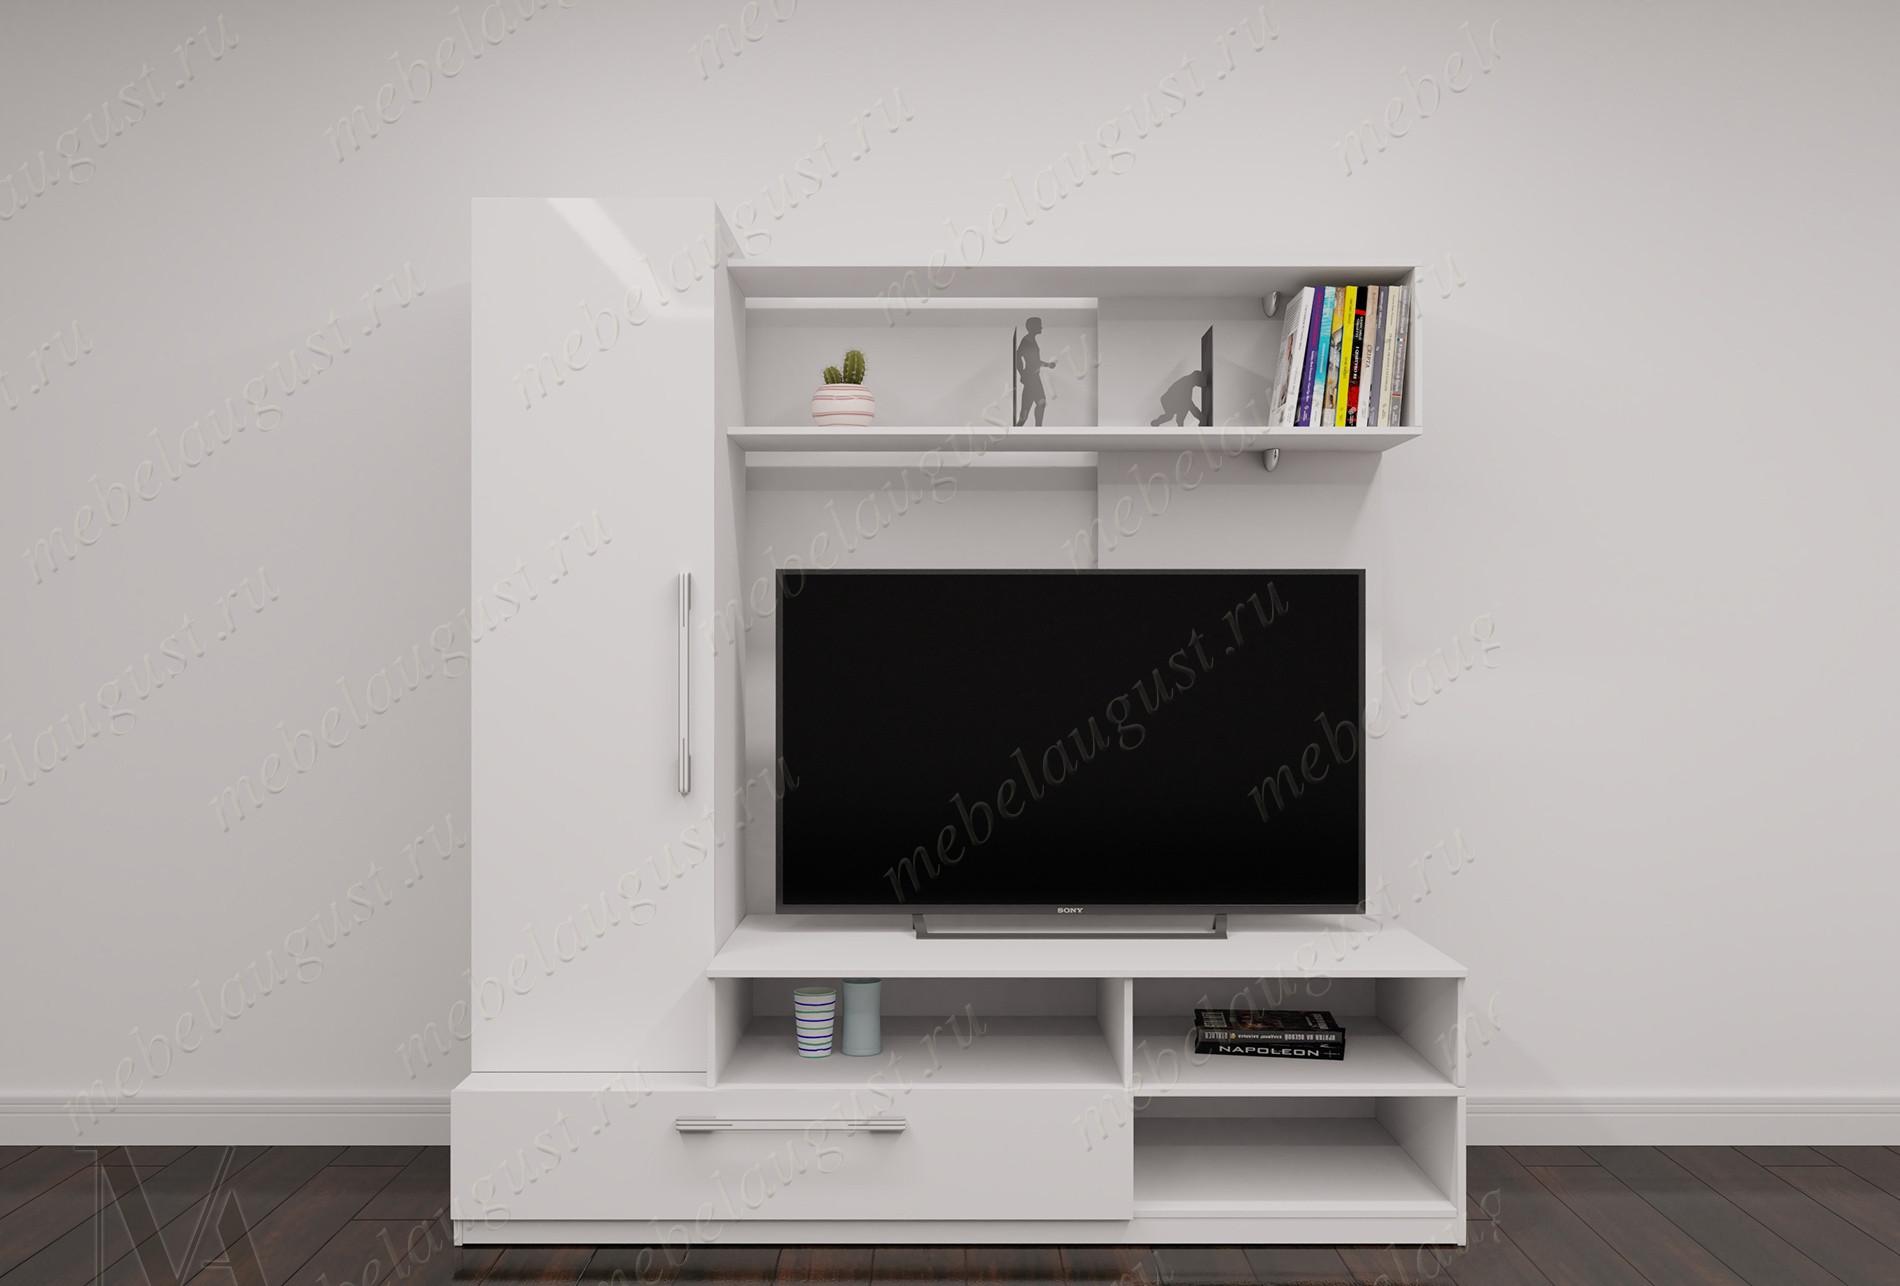 Маленькая мебельная стенка с полкой под телевизор